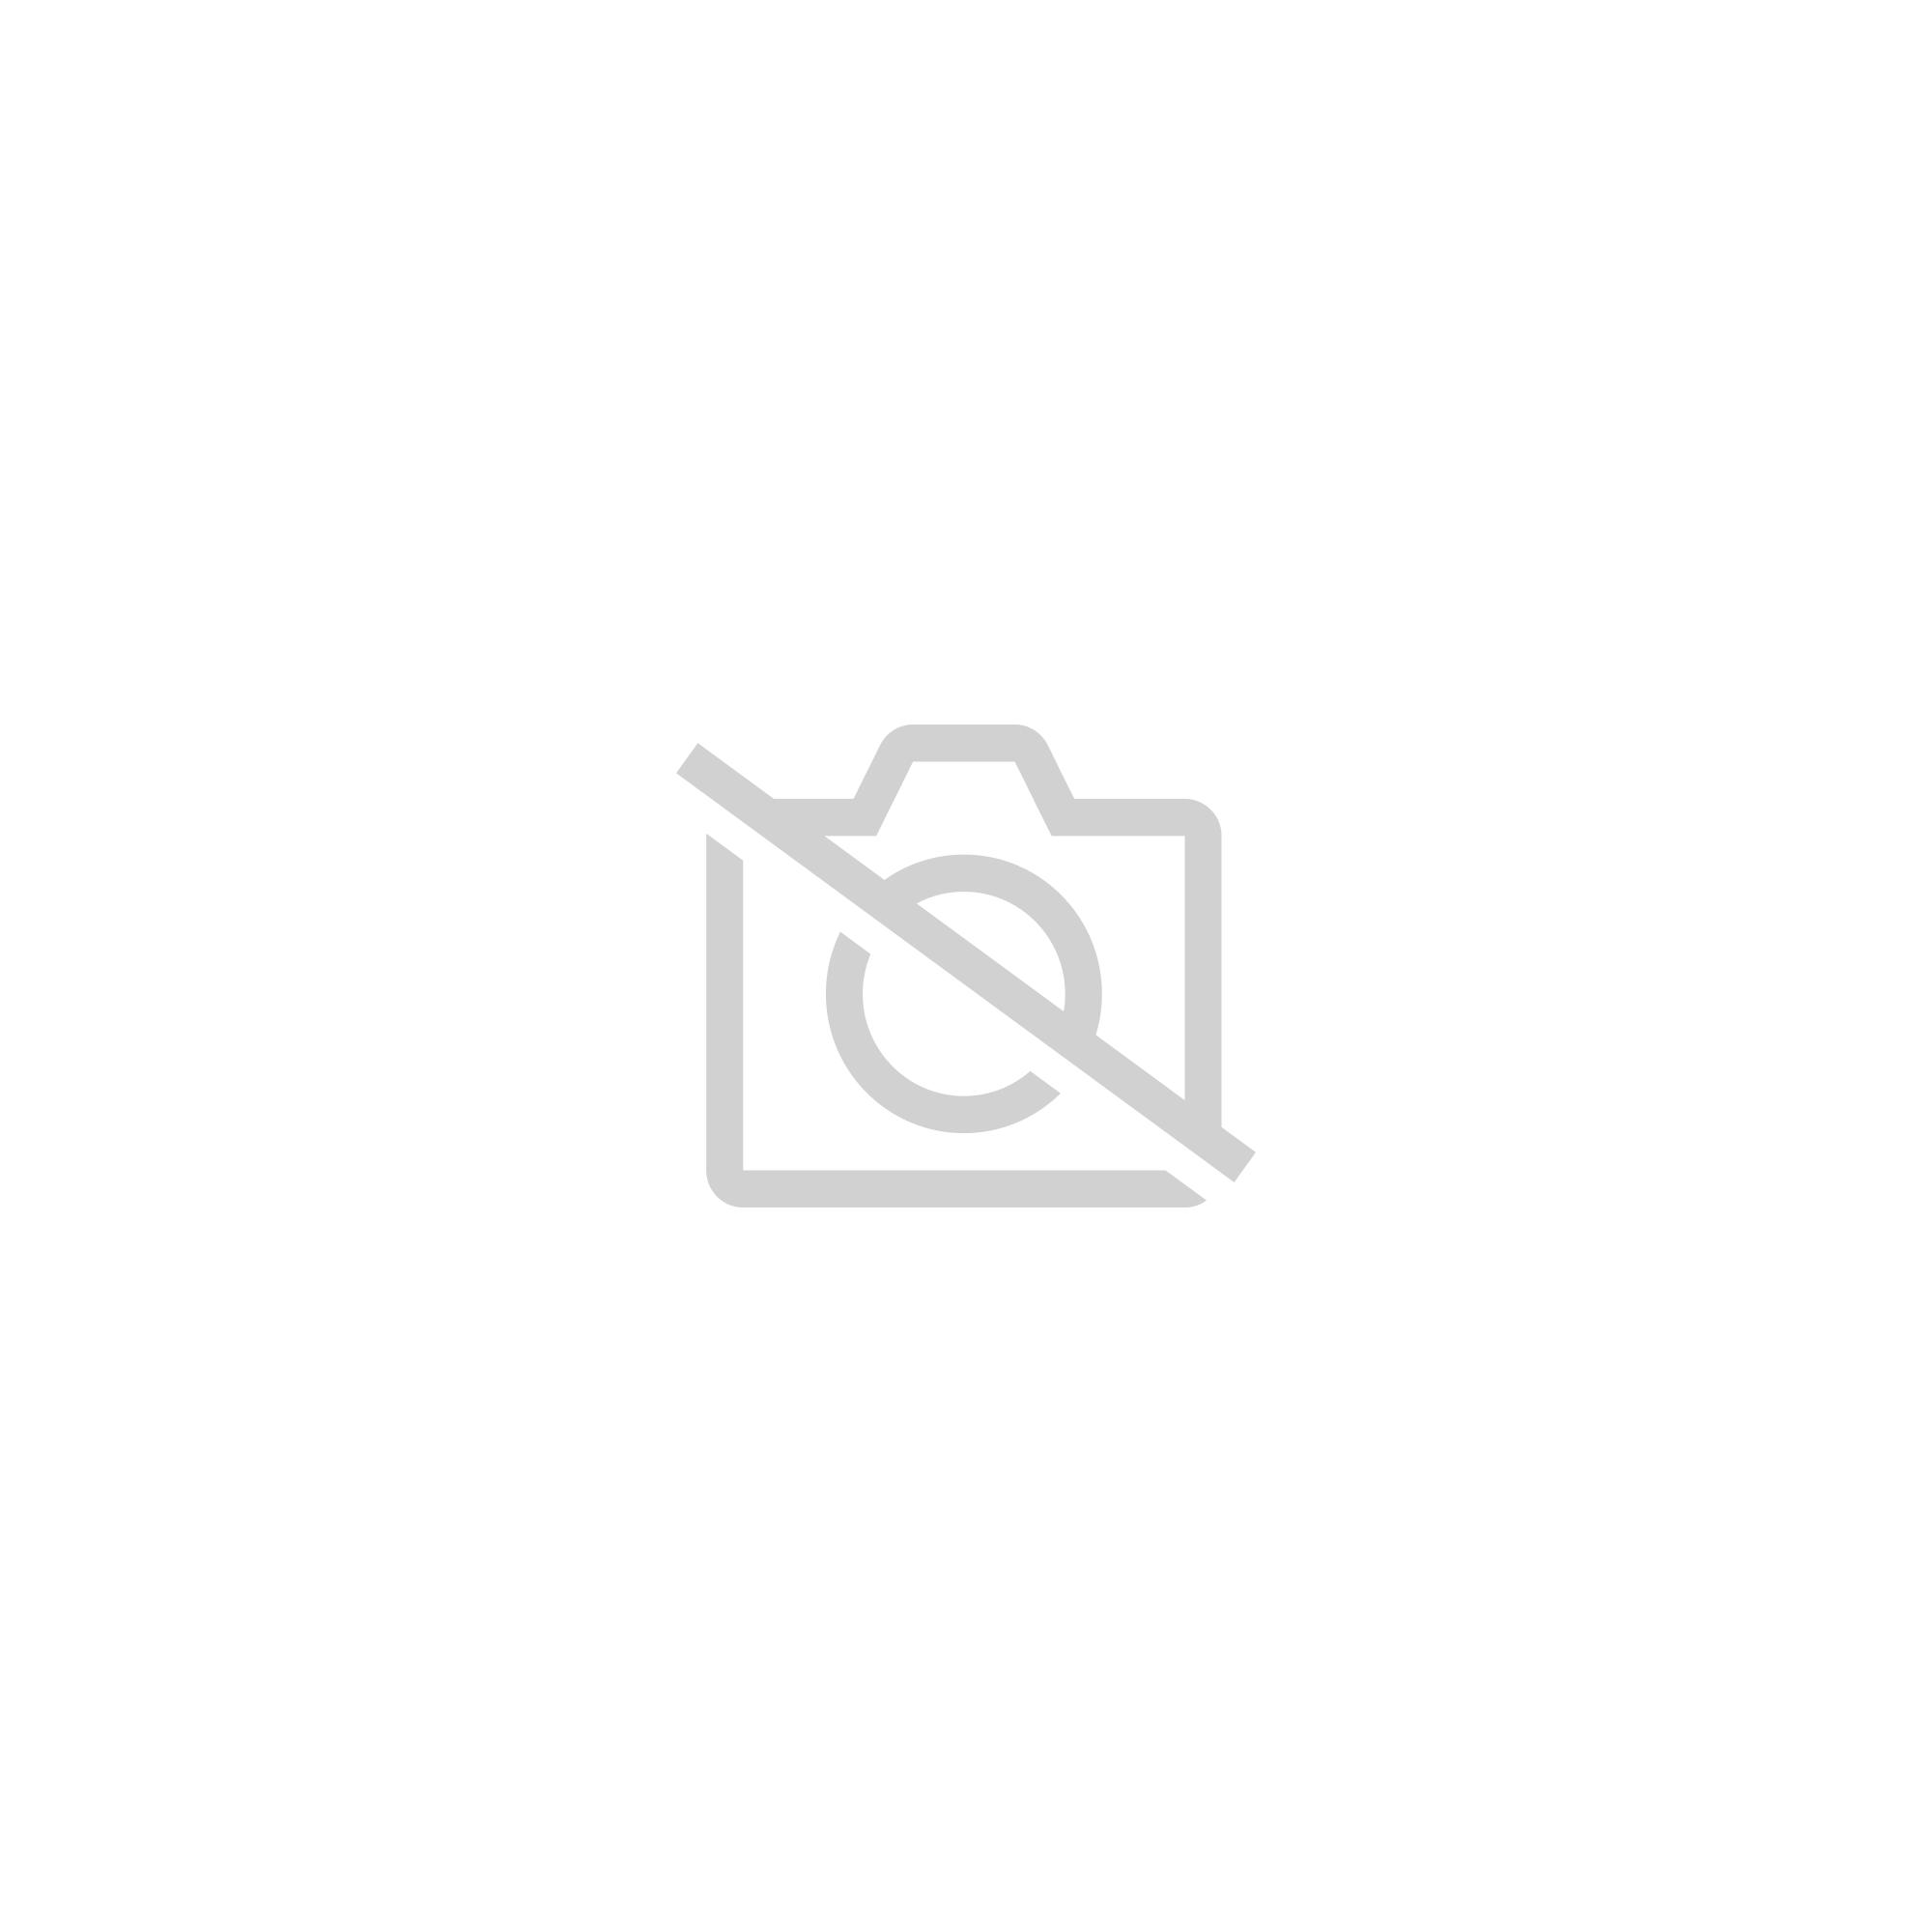 Tectake Banc De Musculation Pliable Multifonction Dips Barre De Traction Banc Dhaltère